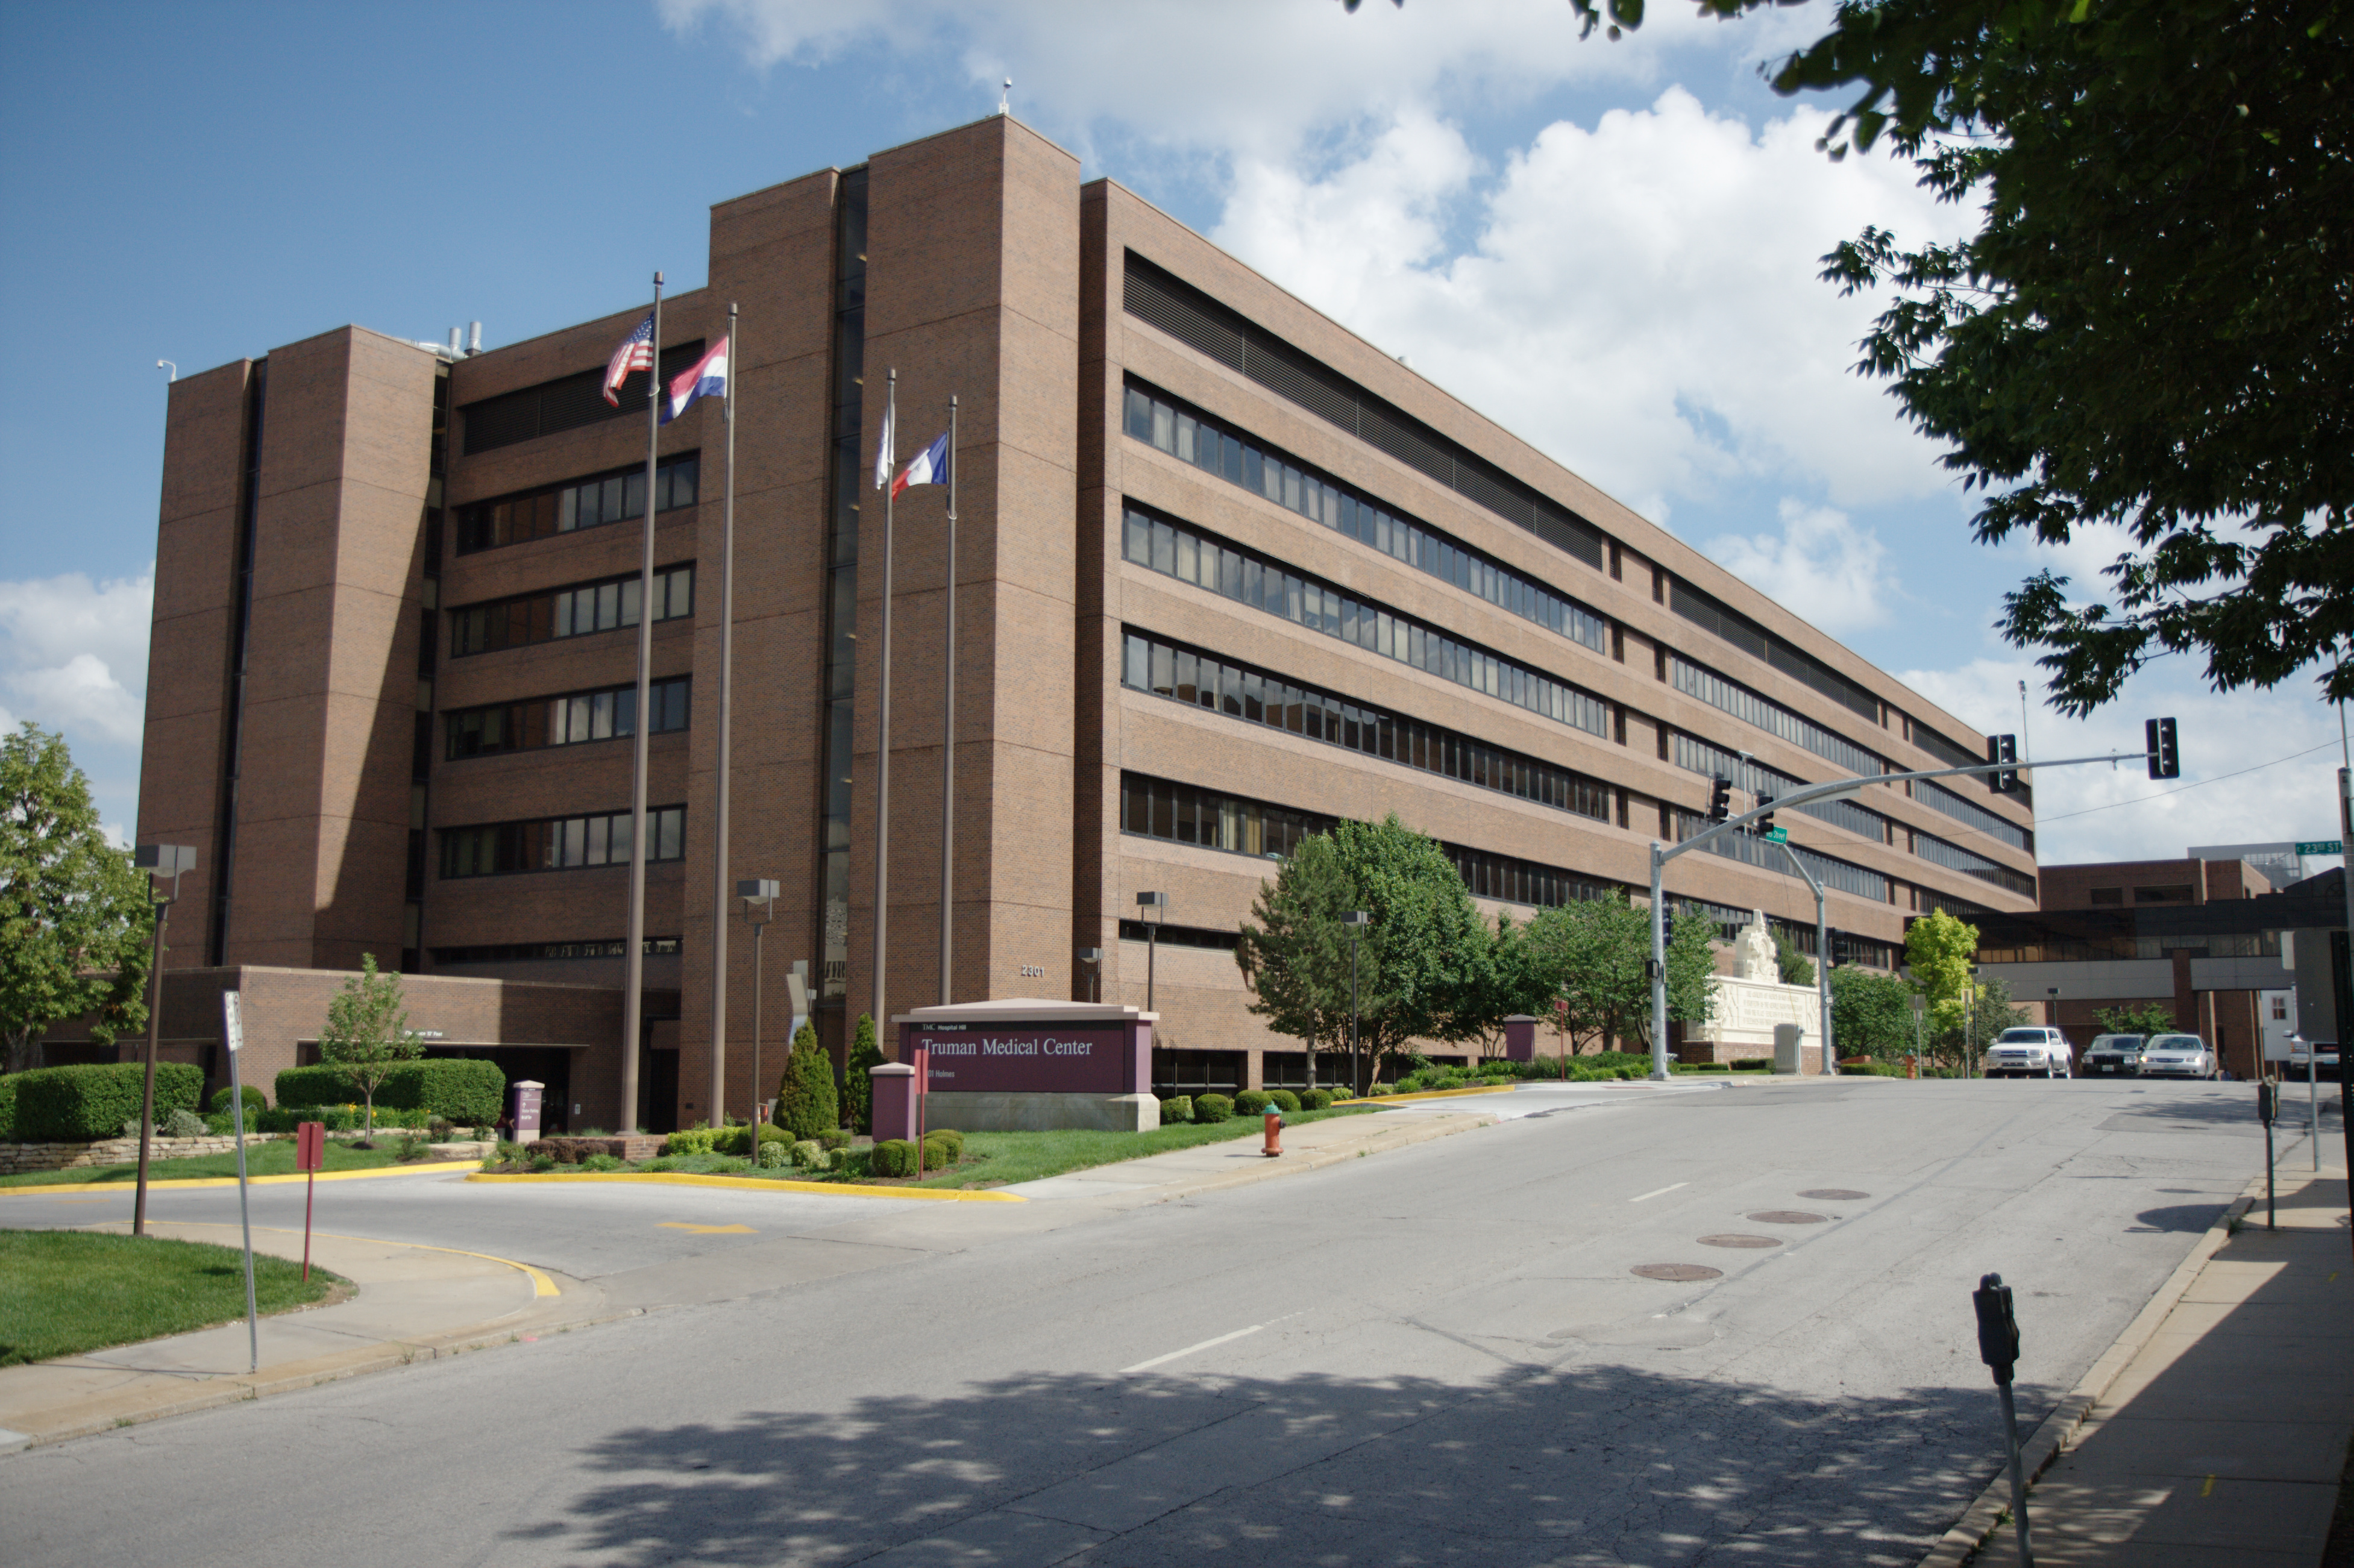 Landmark Medical Center Kansas City